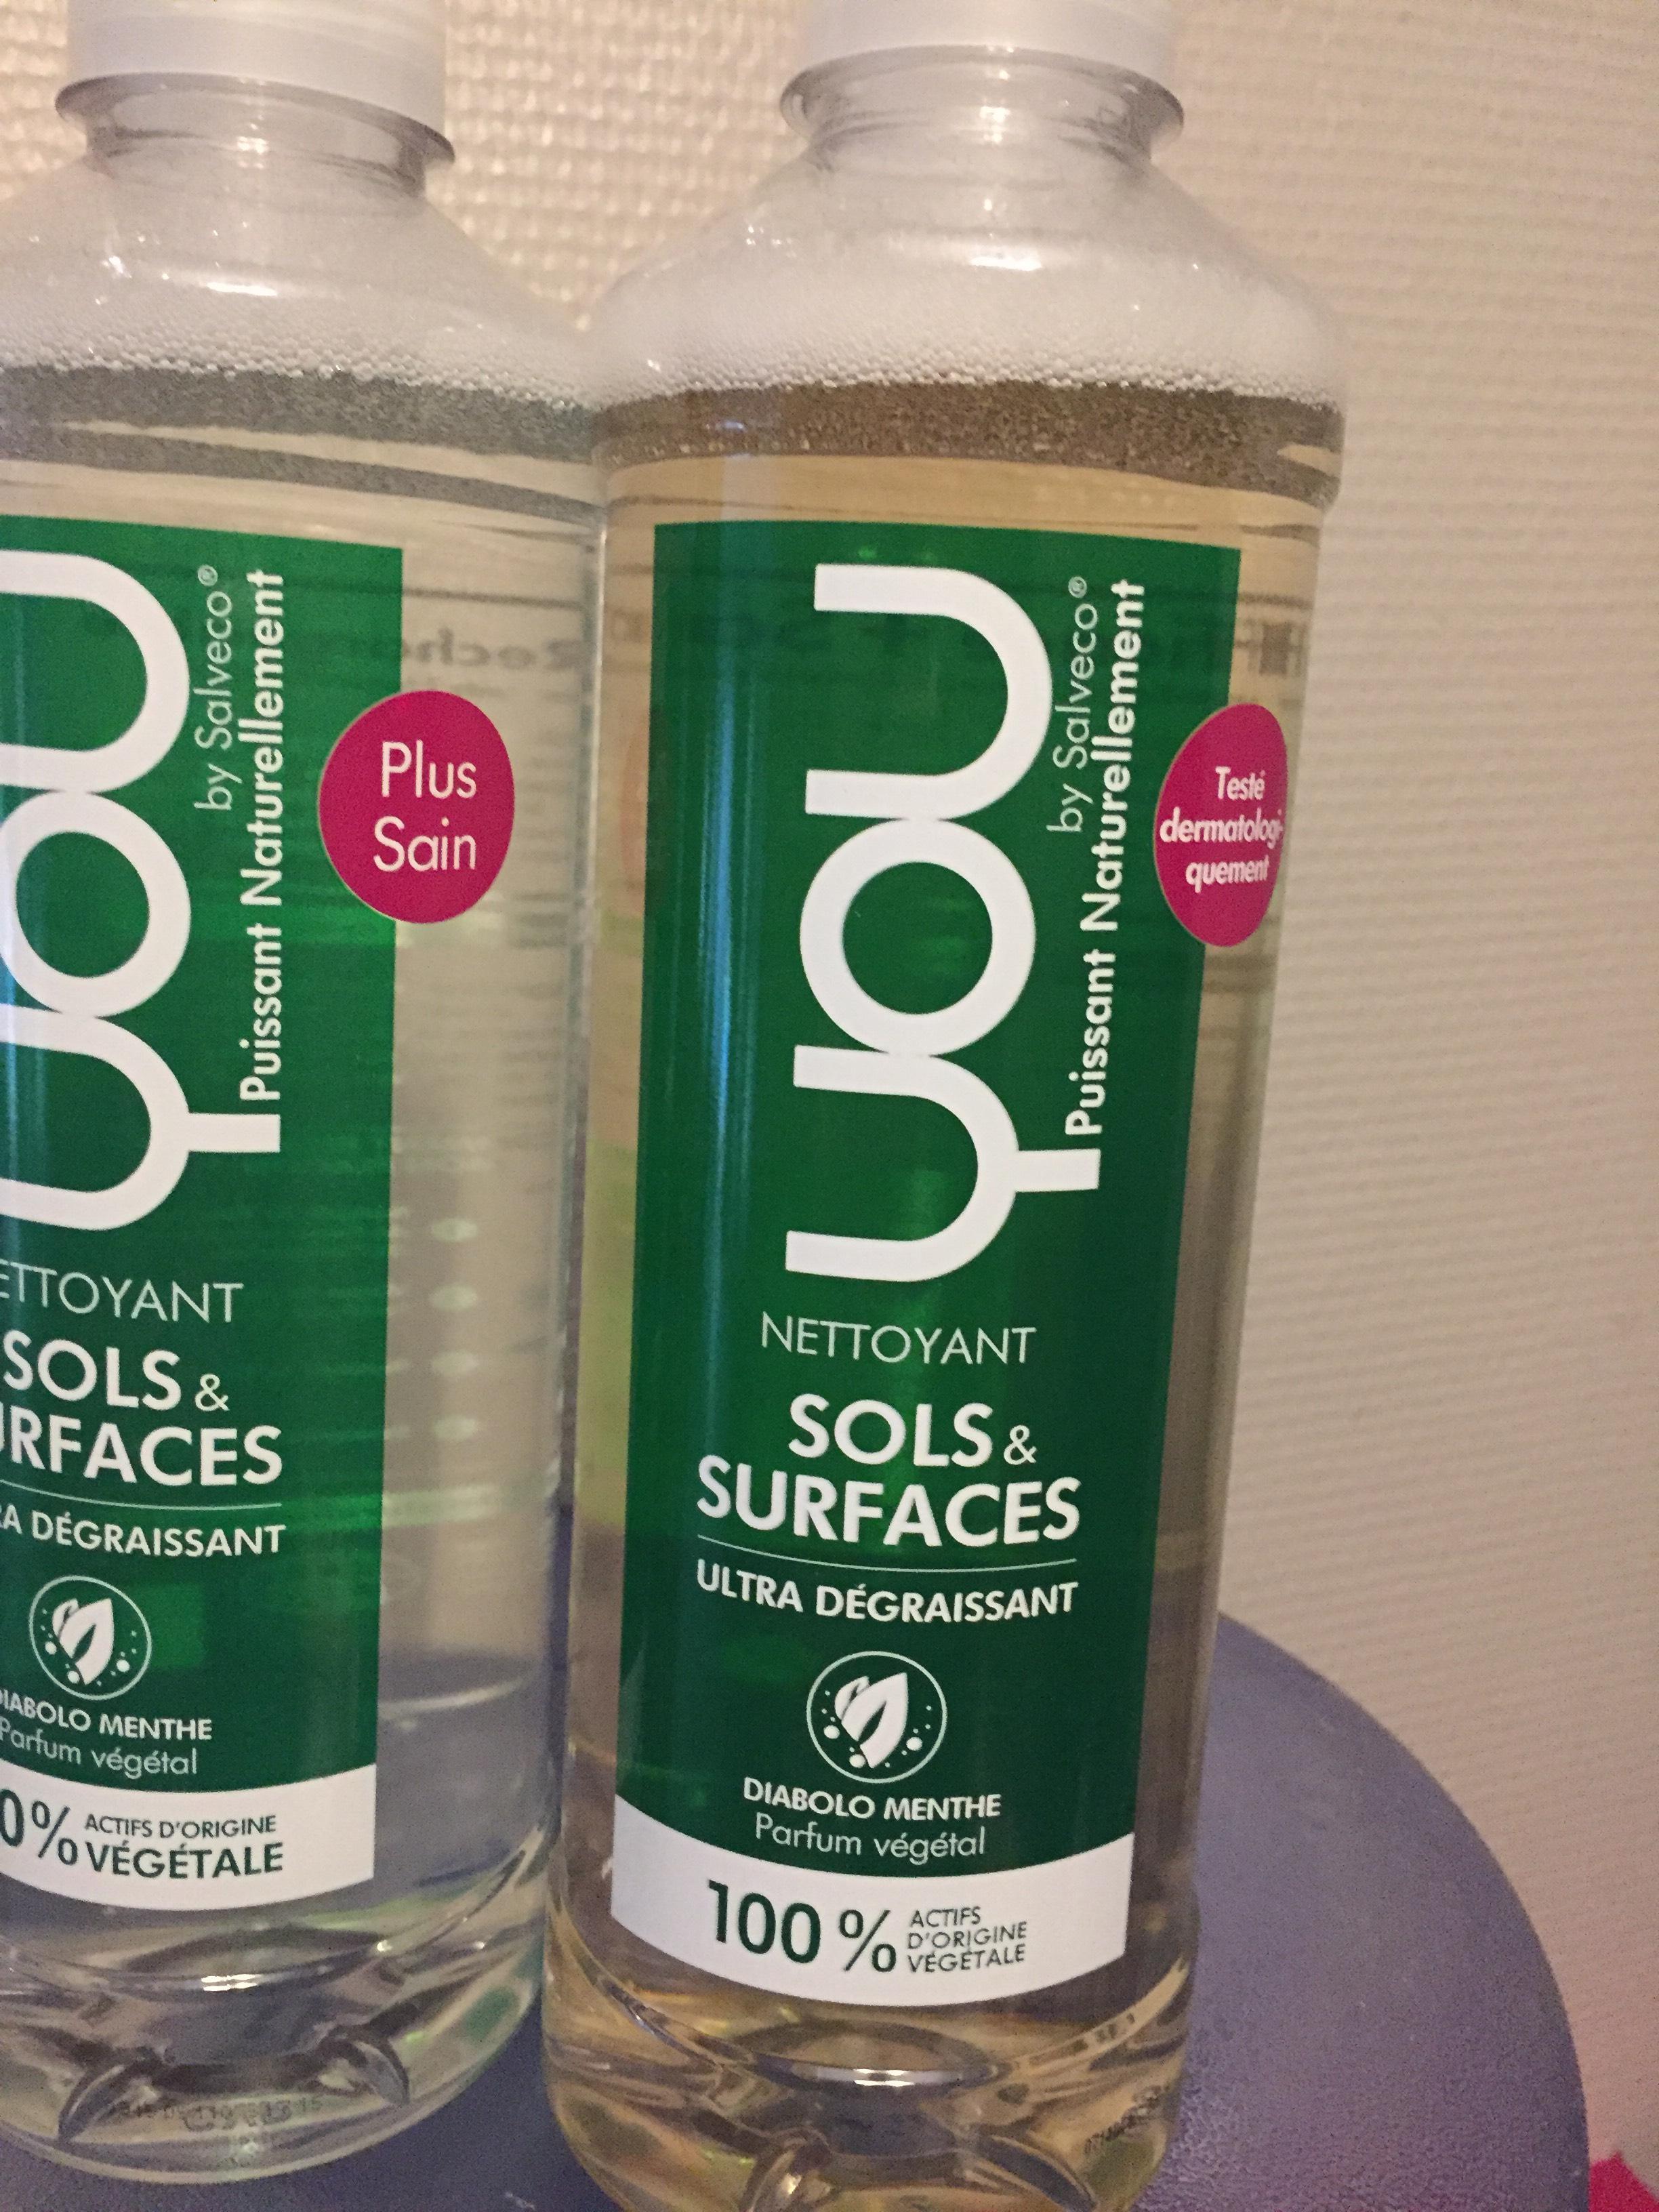 Nettoyant sols et surfaces You